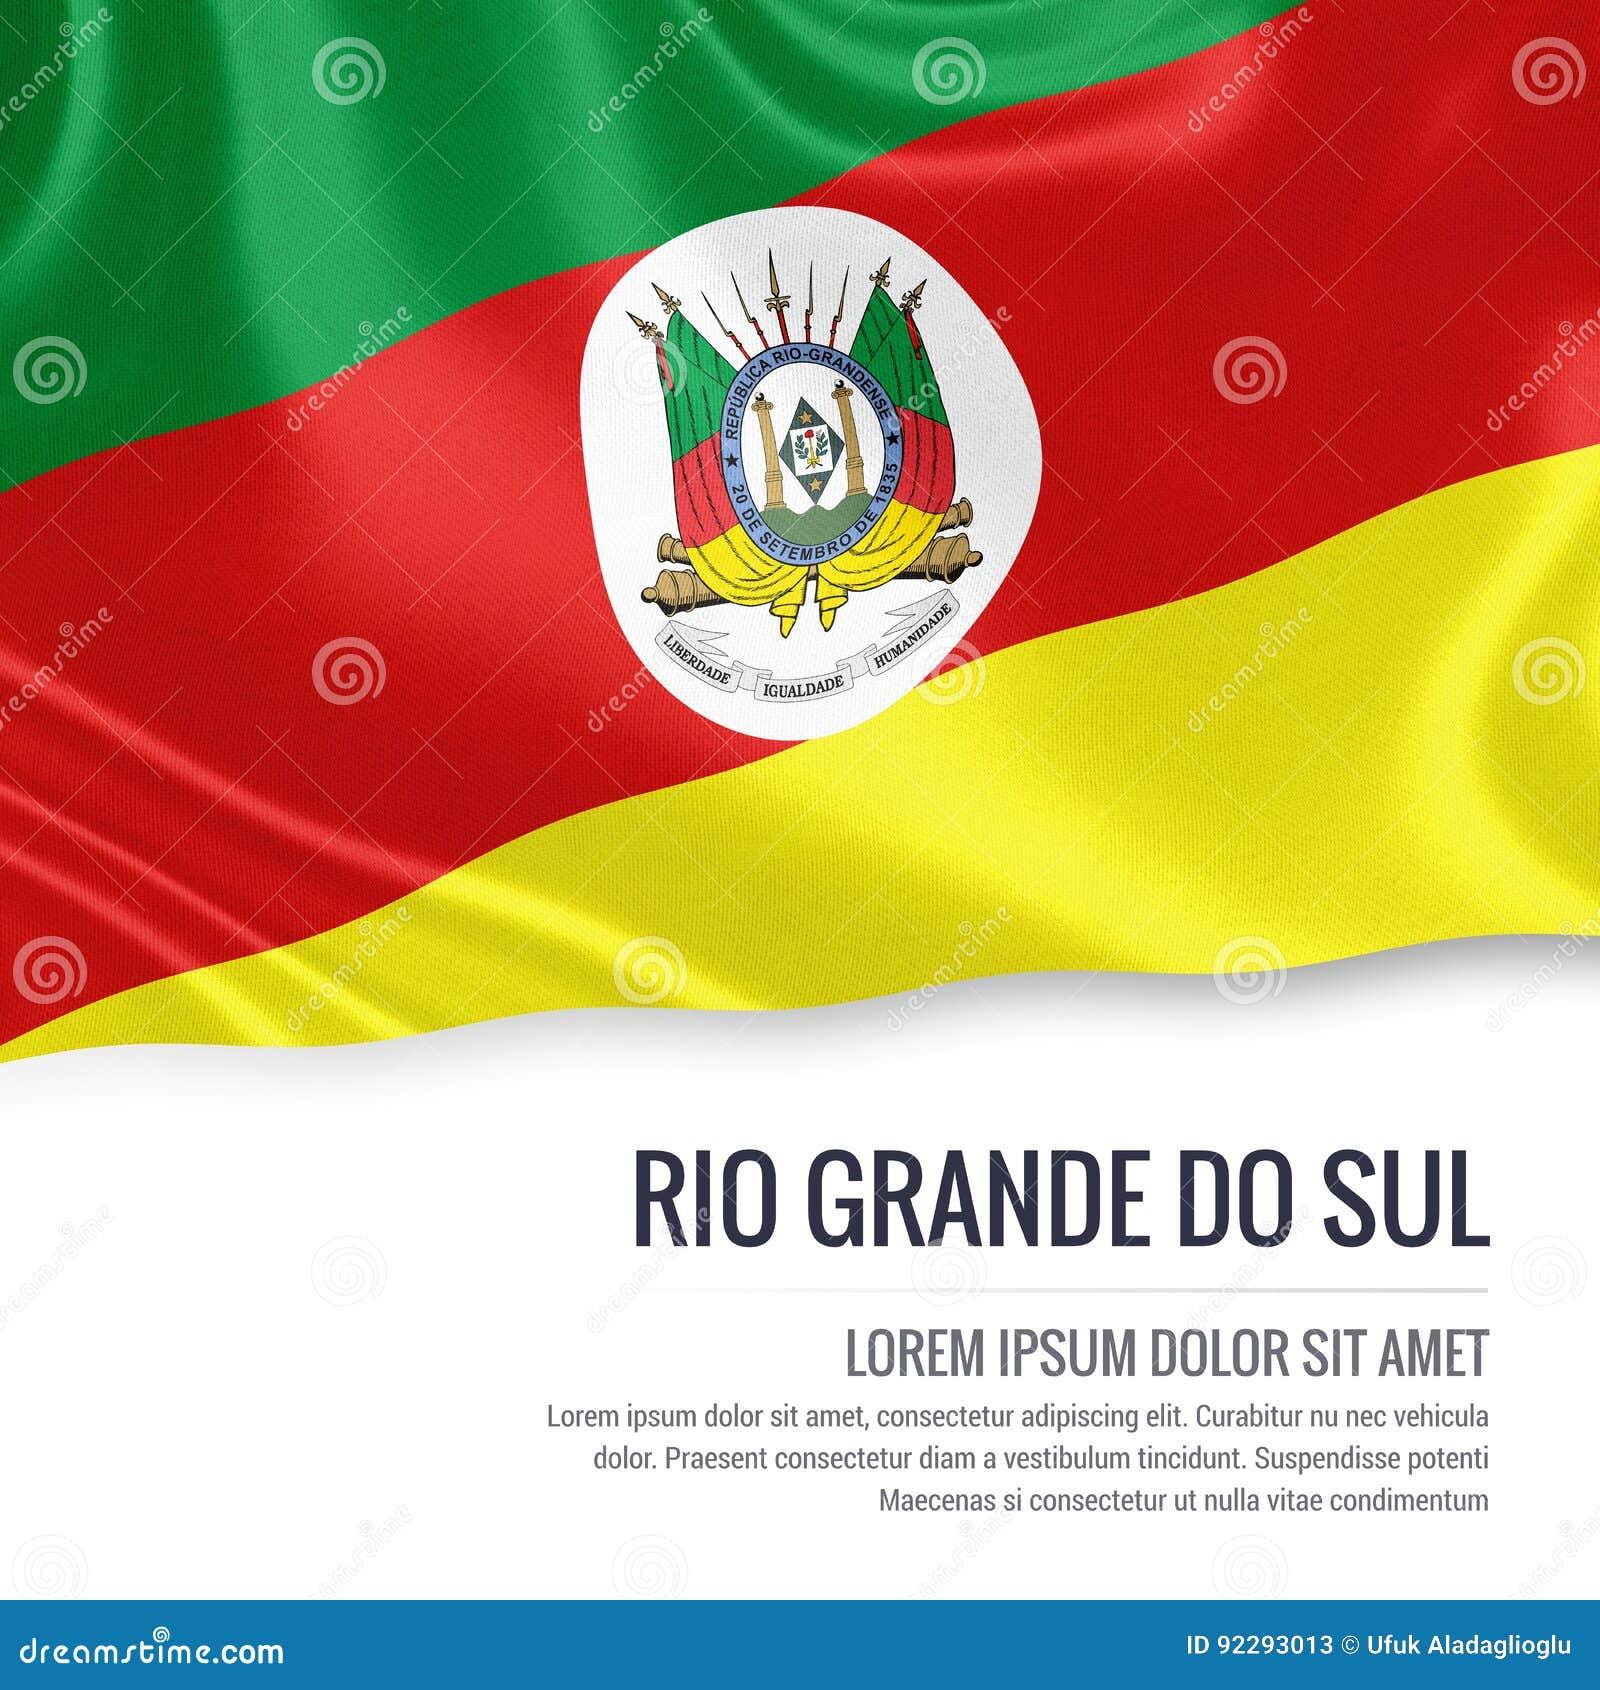 巴西状态南里奥格兰德州旗子